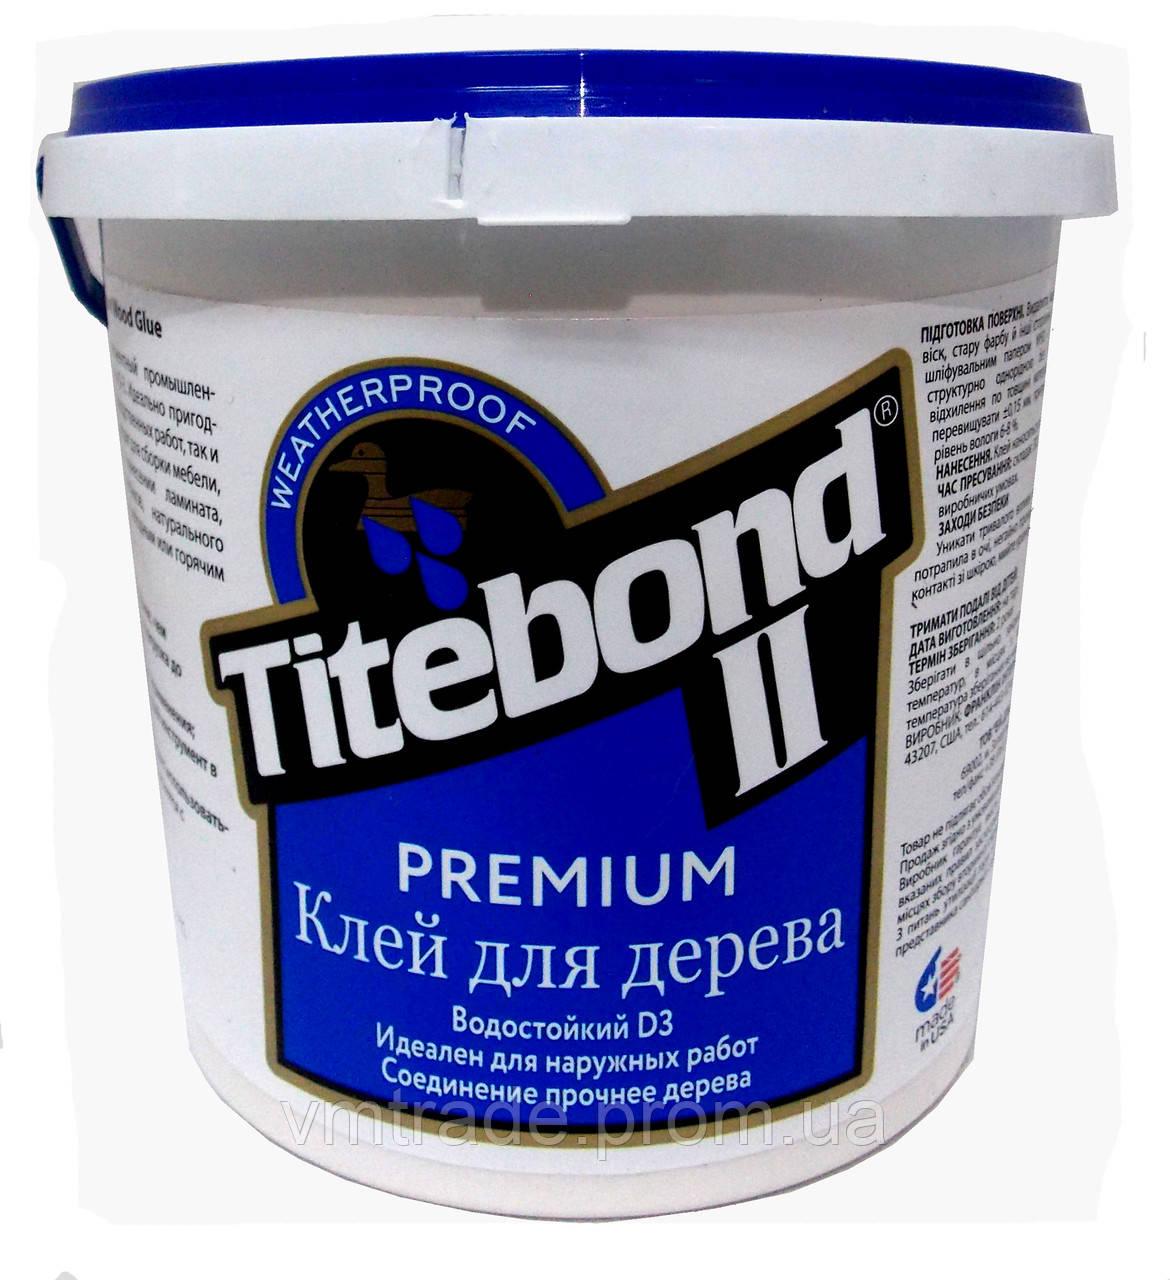 Клей для дерева, однокомпонентный промышленный, влагостойкий (Titebond II Premium Wood Glue) 5кг